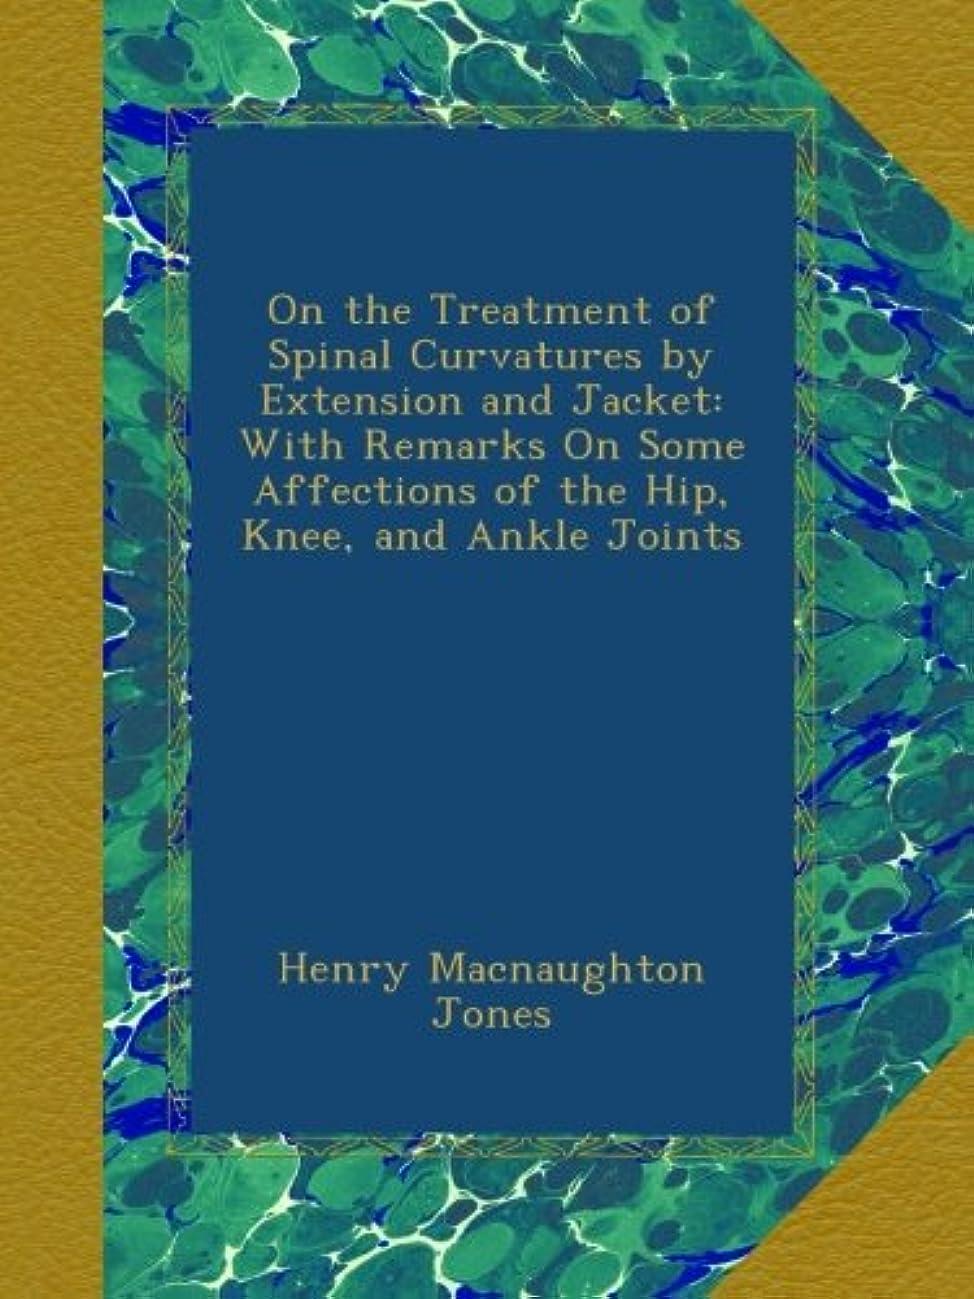 間違えた鰐コストOn the Treatment of Spinal Curvatures by Extension and Jacket: With Remarks On Some Affections of the Hip, Knee, and Ankle Joints